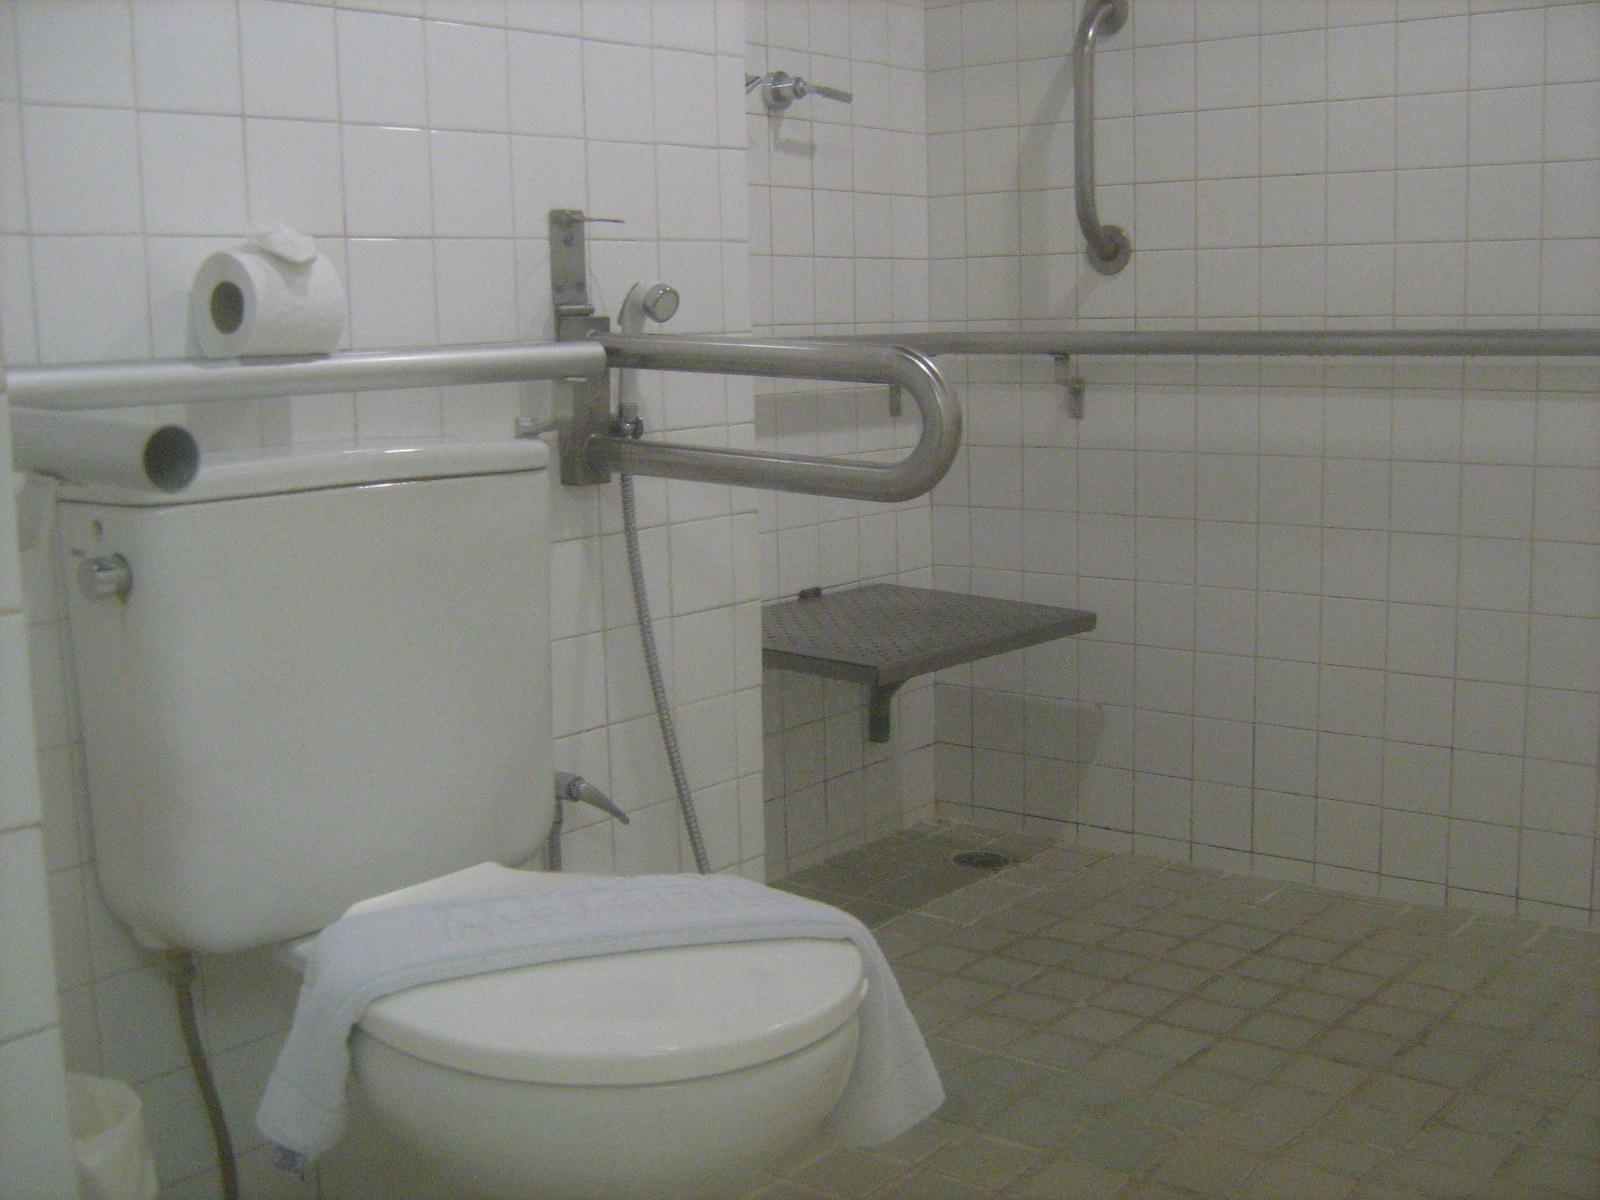 classificação de acessibilidade: 4 cadeirinhas #585347 1600x1200 Banheiro Adaptado Idoso